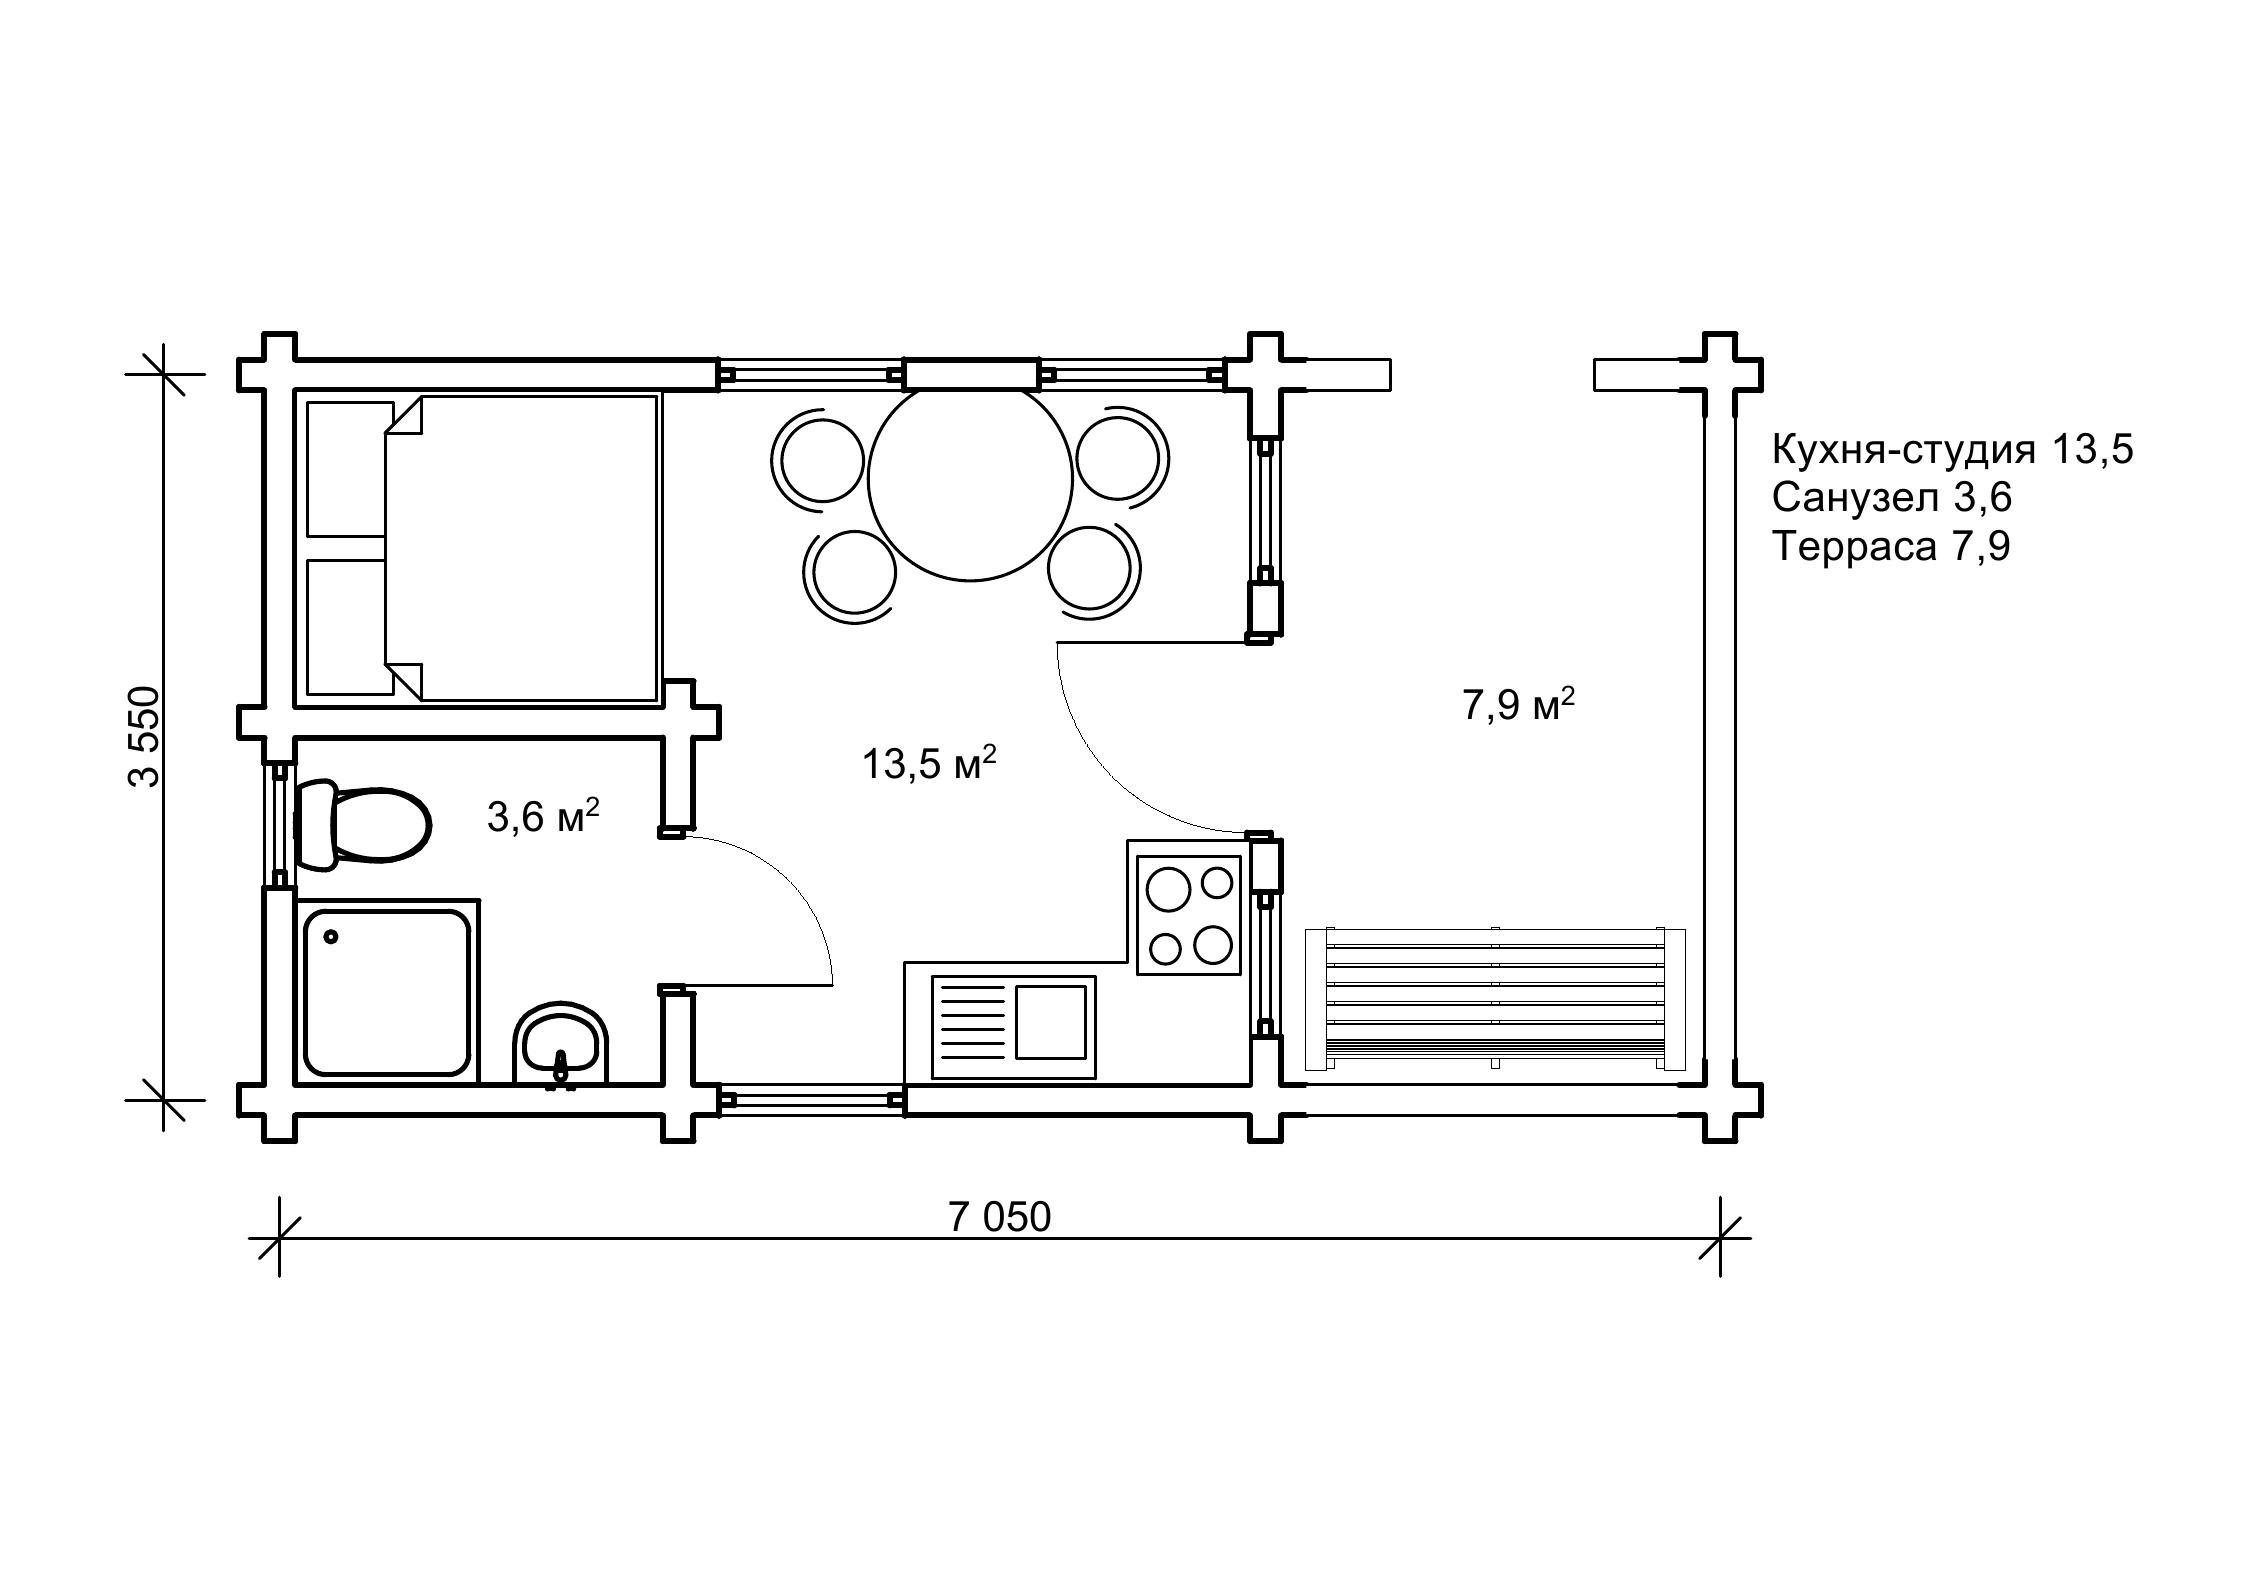 «Пряница» — садовый домик 3,5 на 7 м из сухого бруса